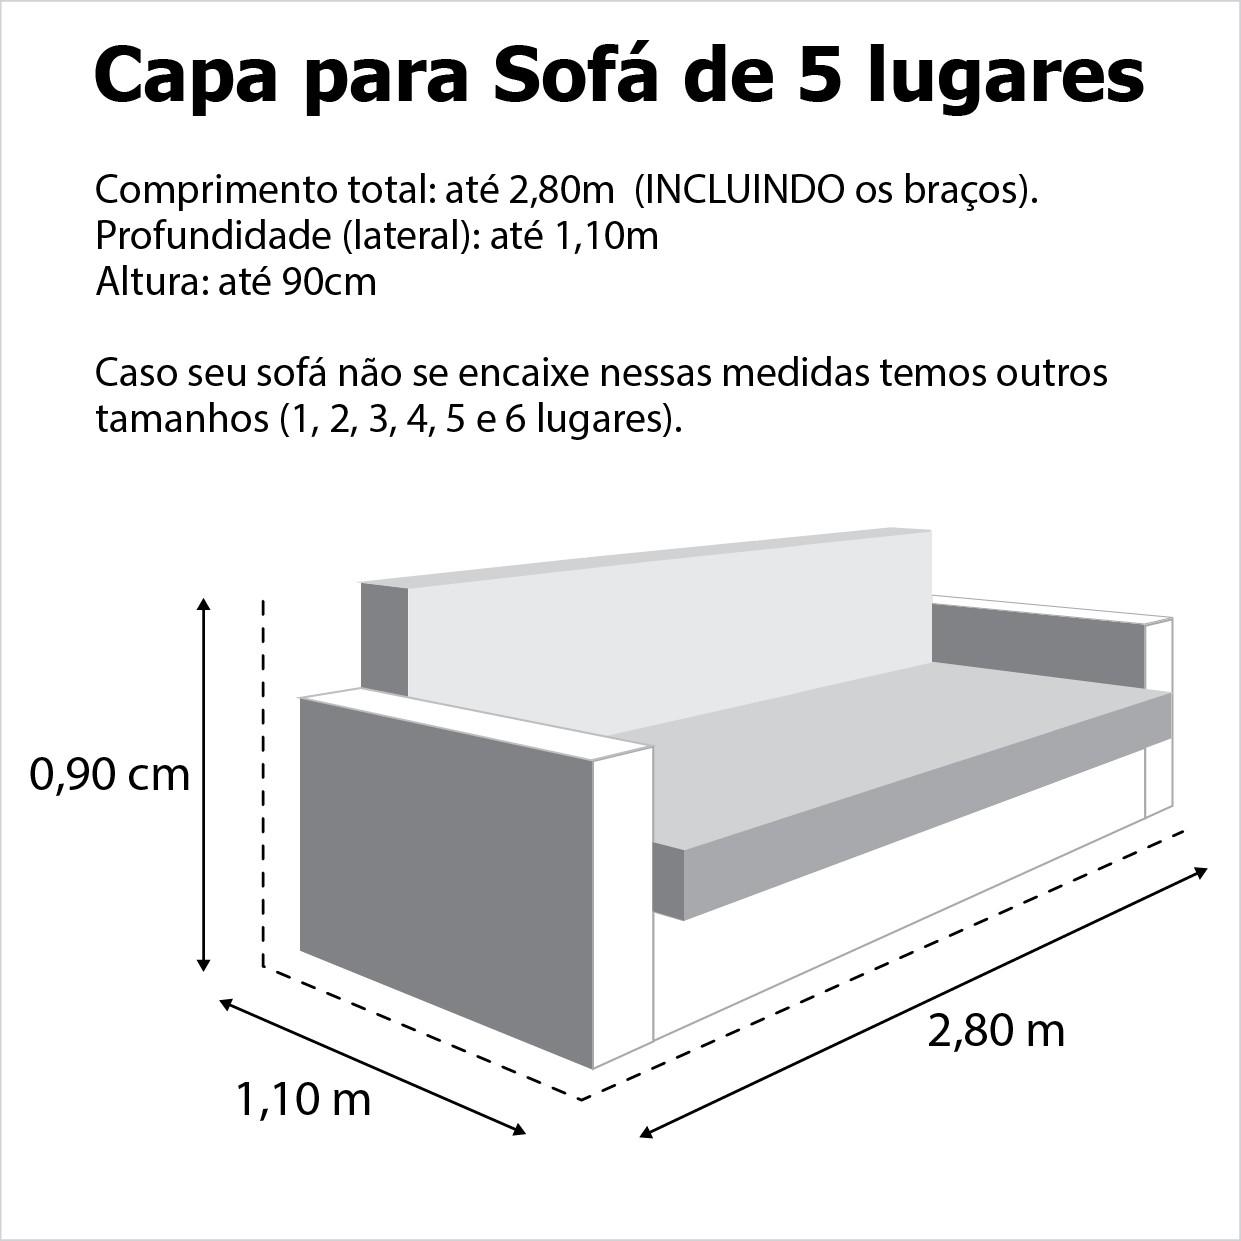 Capa p/ Sofá de 5 Lug GRAFITE em Gorgurão